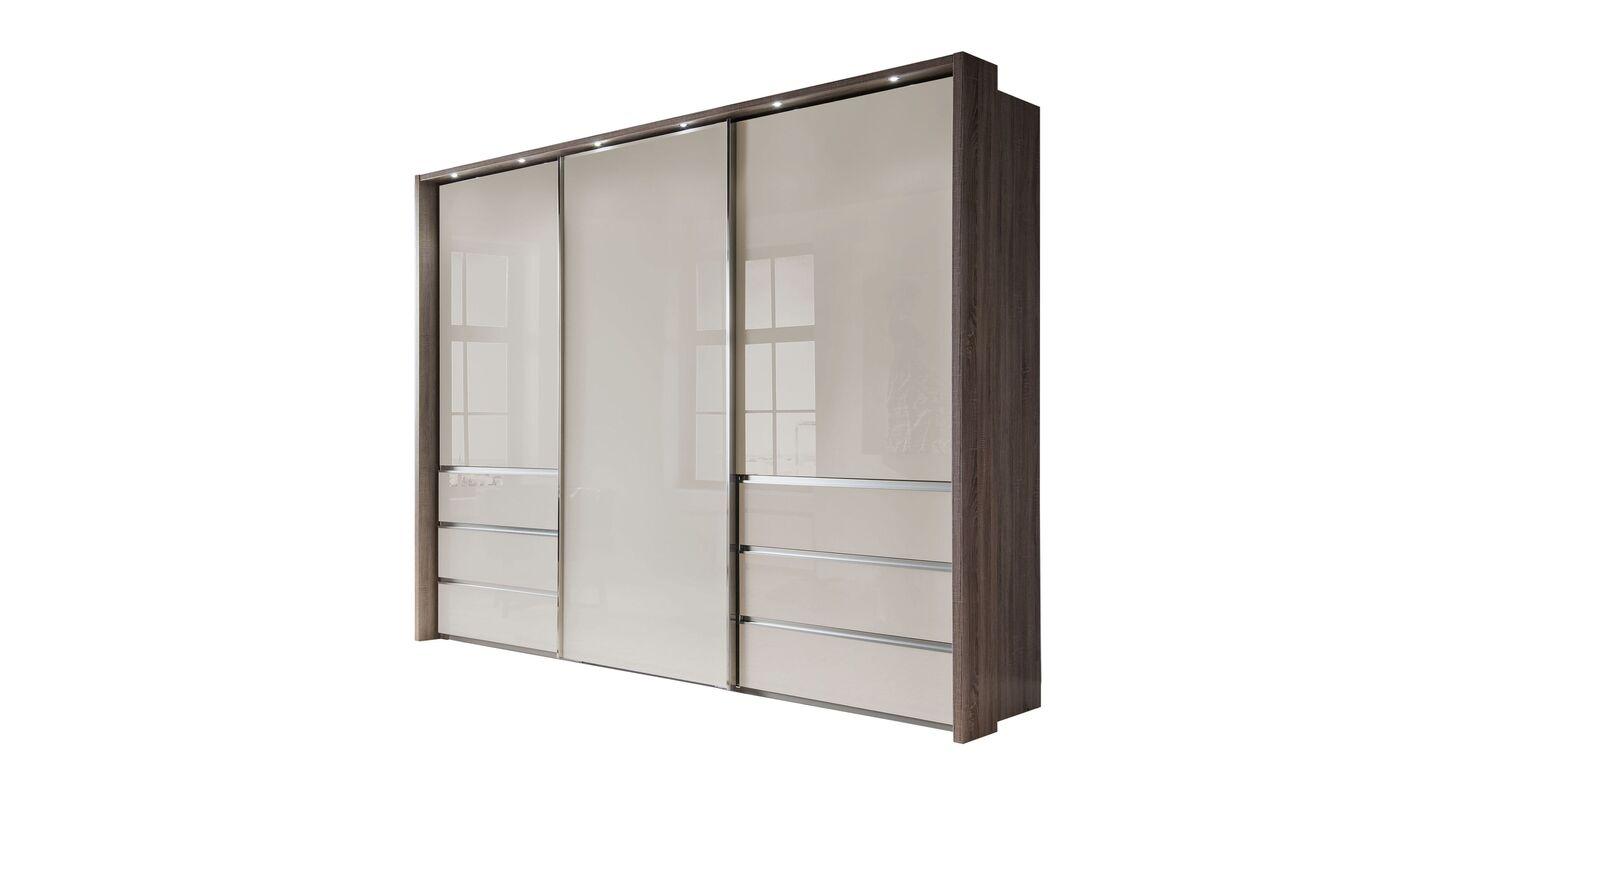 Moderner Schwebetüren-Kleiderschrank Tunica in 300 cm Breite